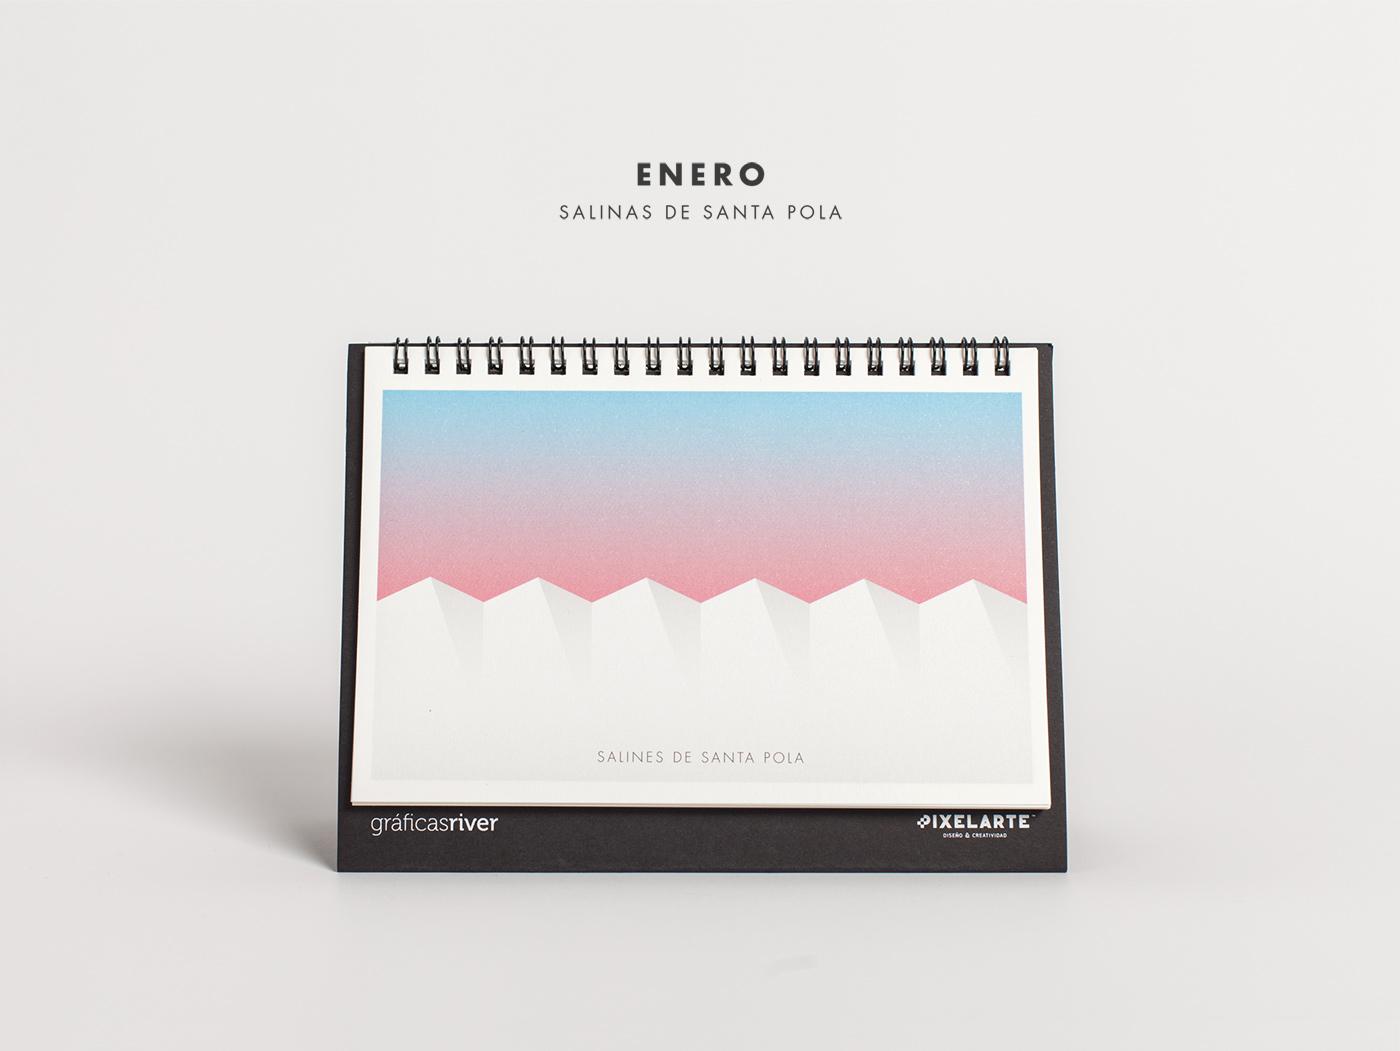 pixelarte-estudio-diseno-grafico-calendario-parques-comunidad_valenciana-Enero-2016